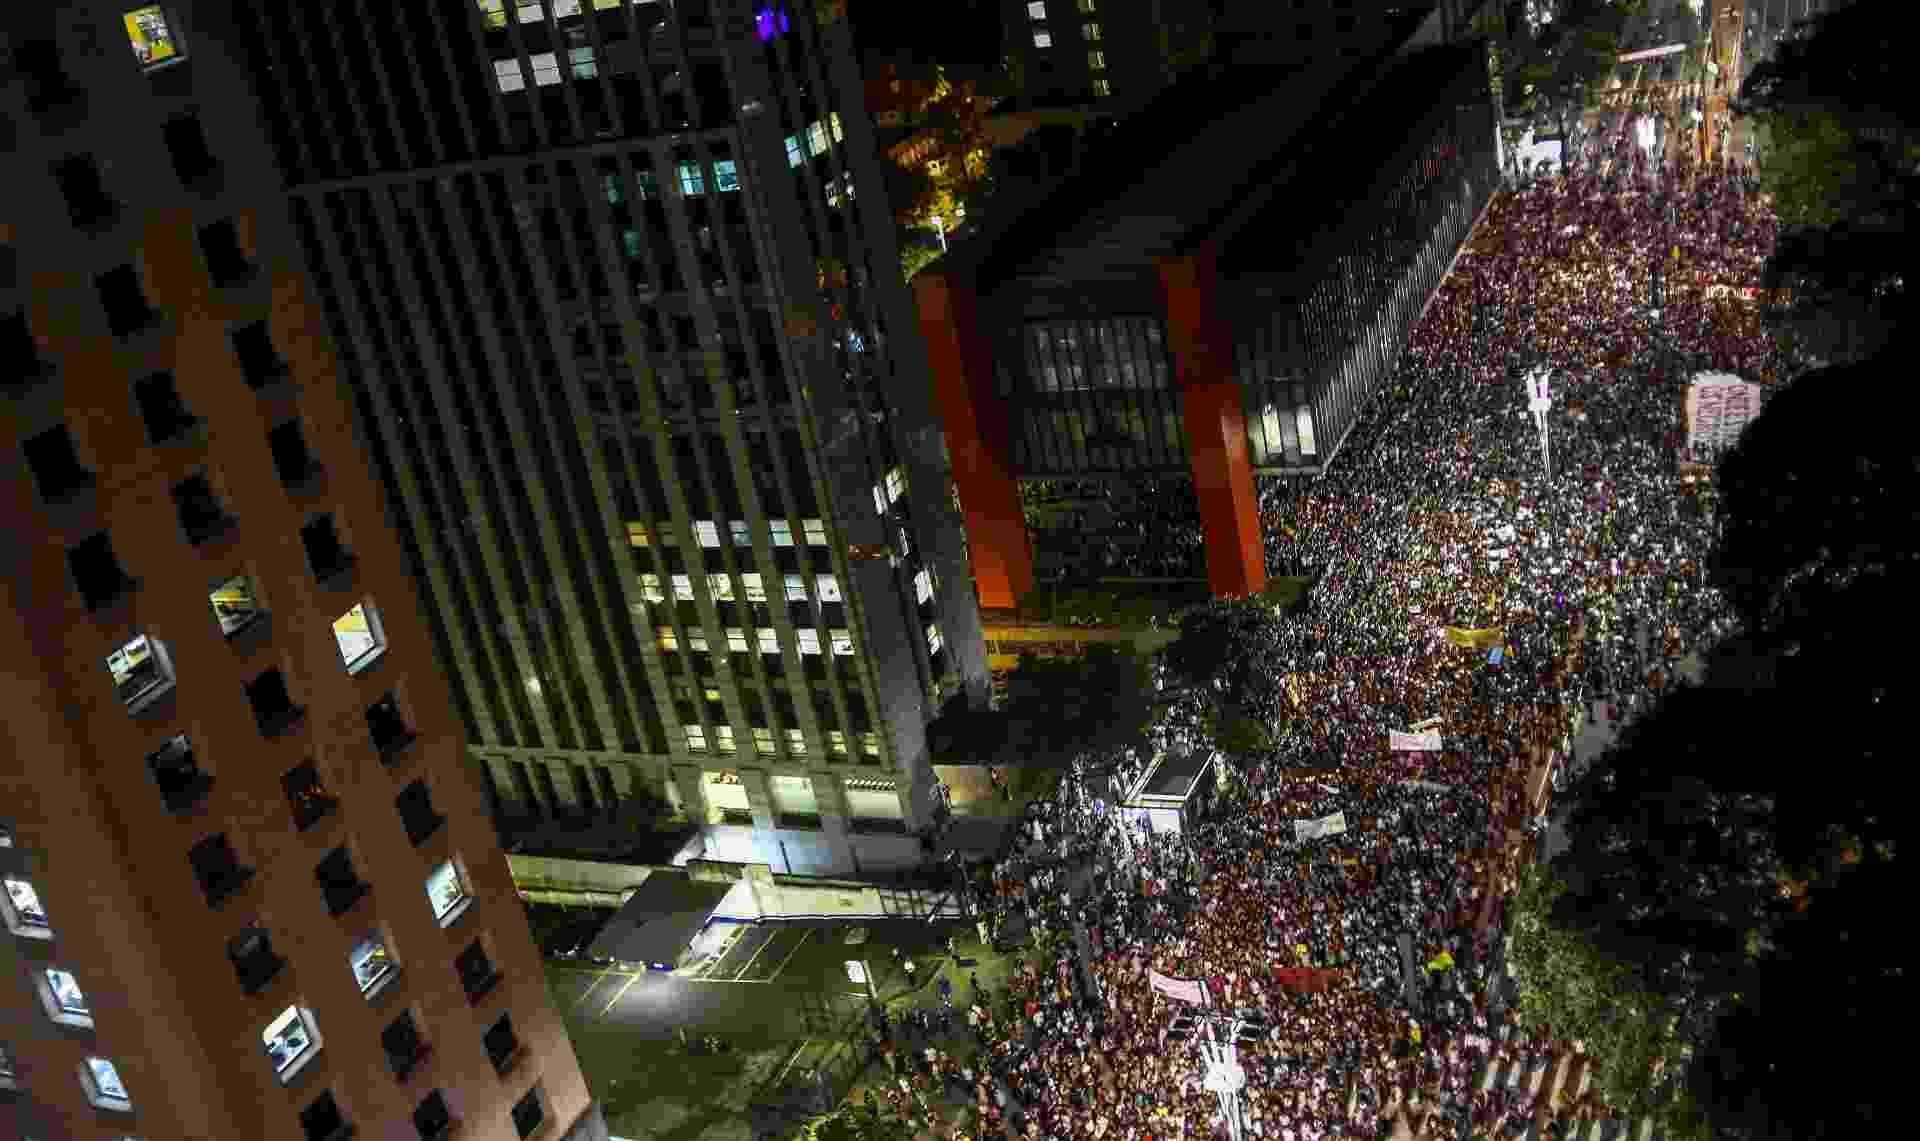 15.mar.2018 - Milhares se reúnem na Avenida Paulista, em São Paulo, para fazer uma homenagem à Marielle Franco - Miguel Schincariol/AFP